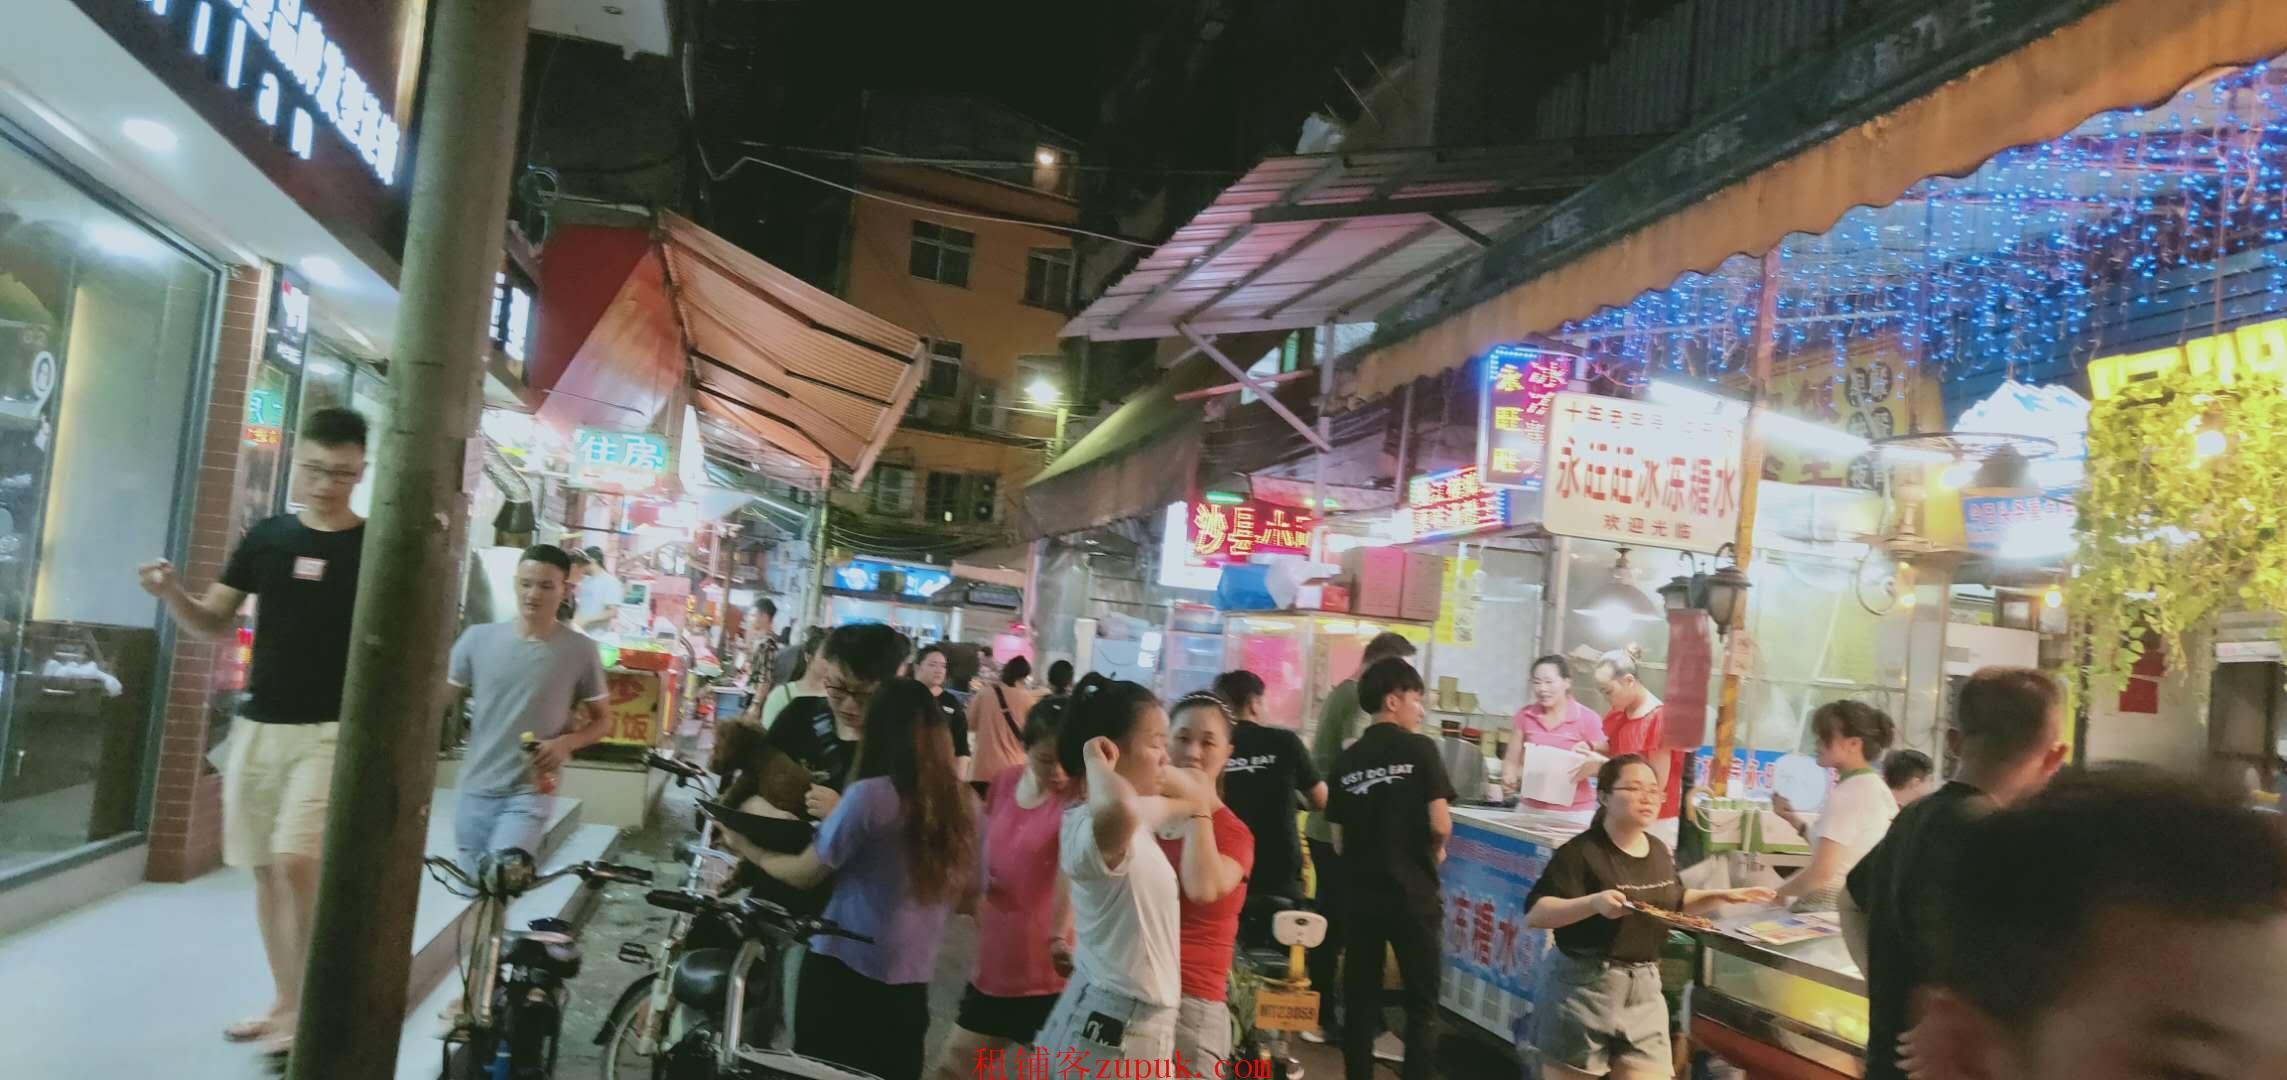 花地湾街1楼人超多,可各种小吃餐饭串串香,粥,门口人超多1